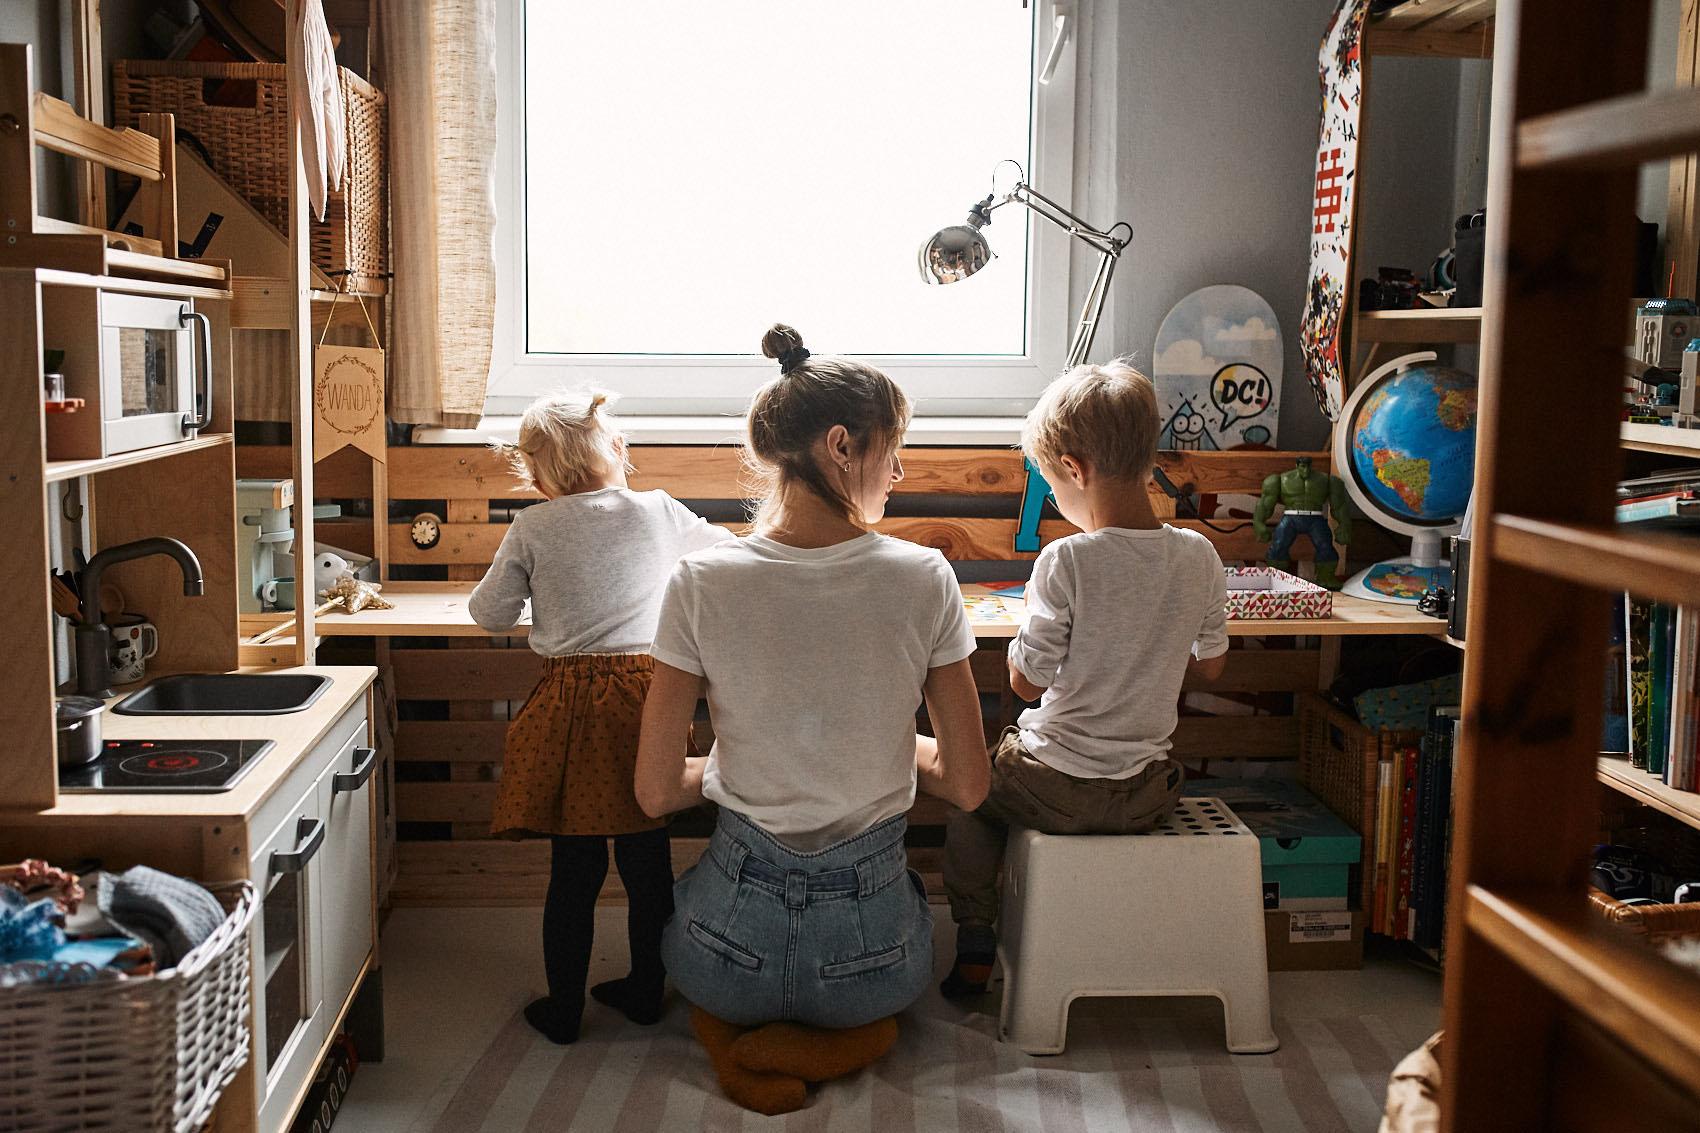 wspolny czas z dzieckiem rodzenstwo lifestyle